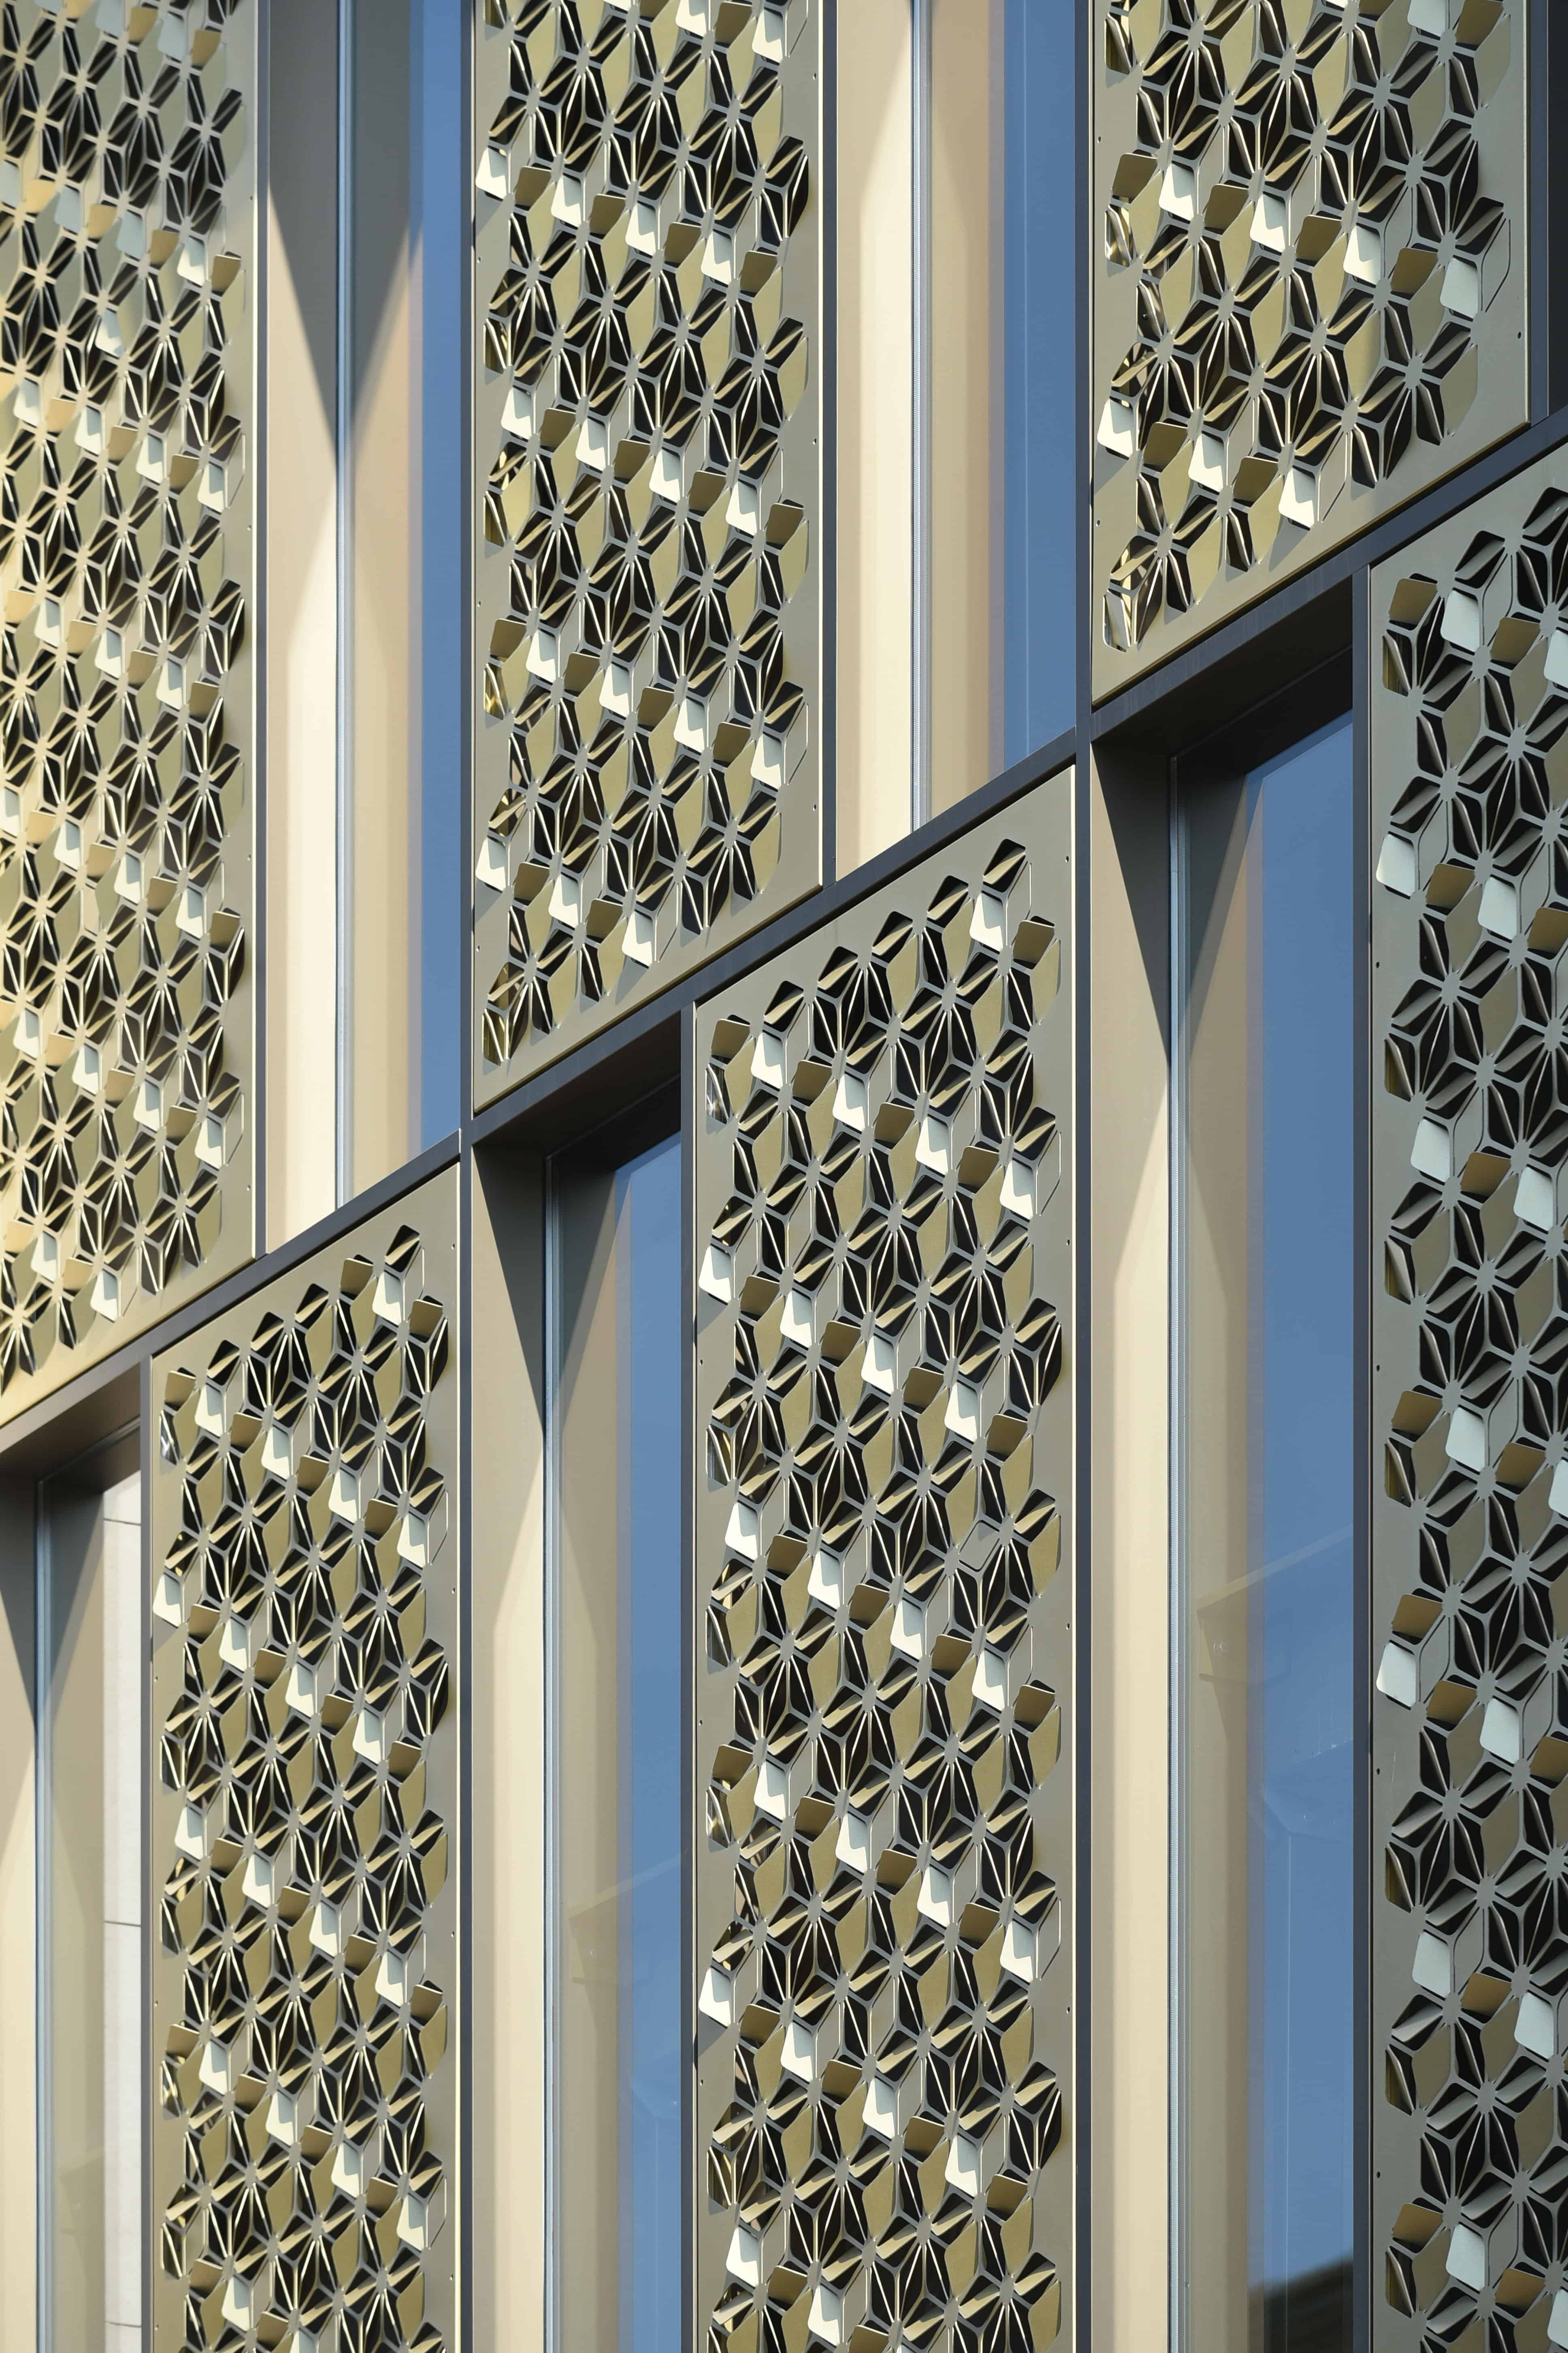 Formatura_Designperforatie_Kalanderstraat_Enschede_7